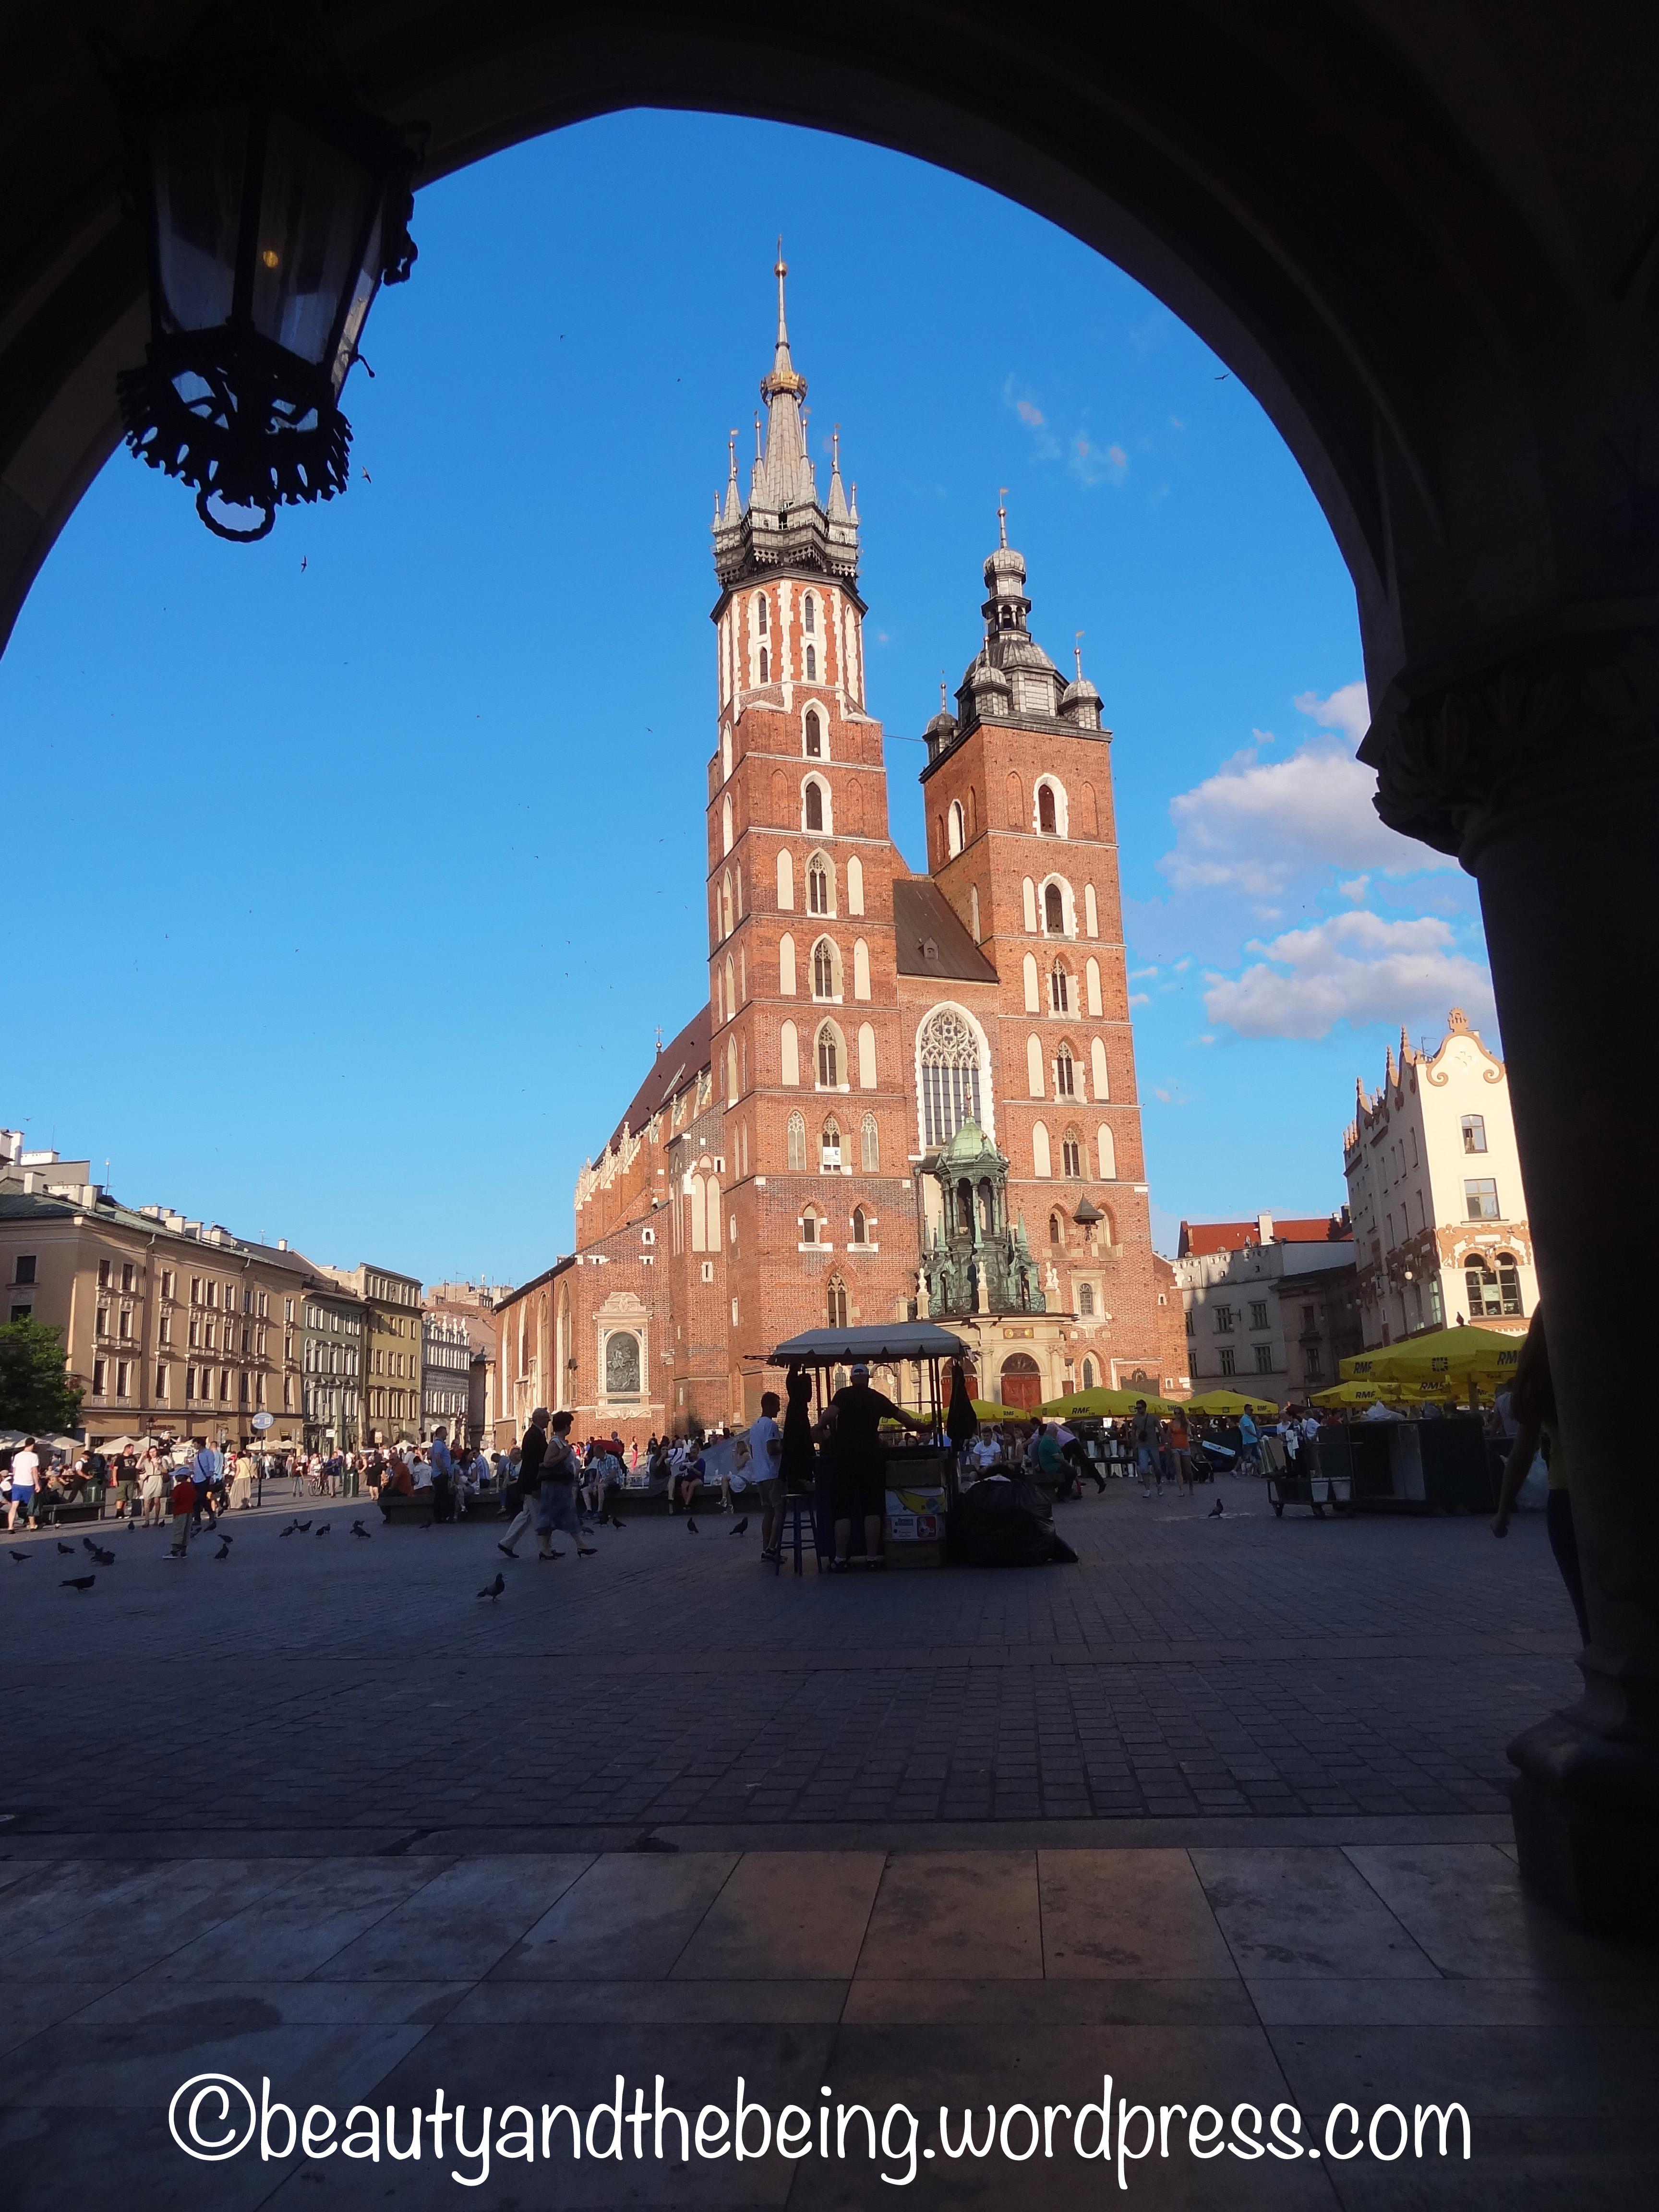 Krakow - Old Town (Stare Miasto)